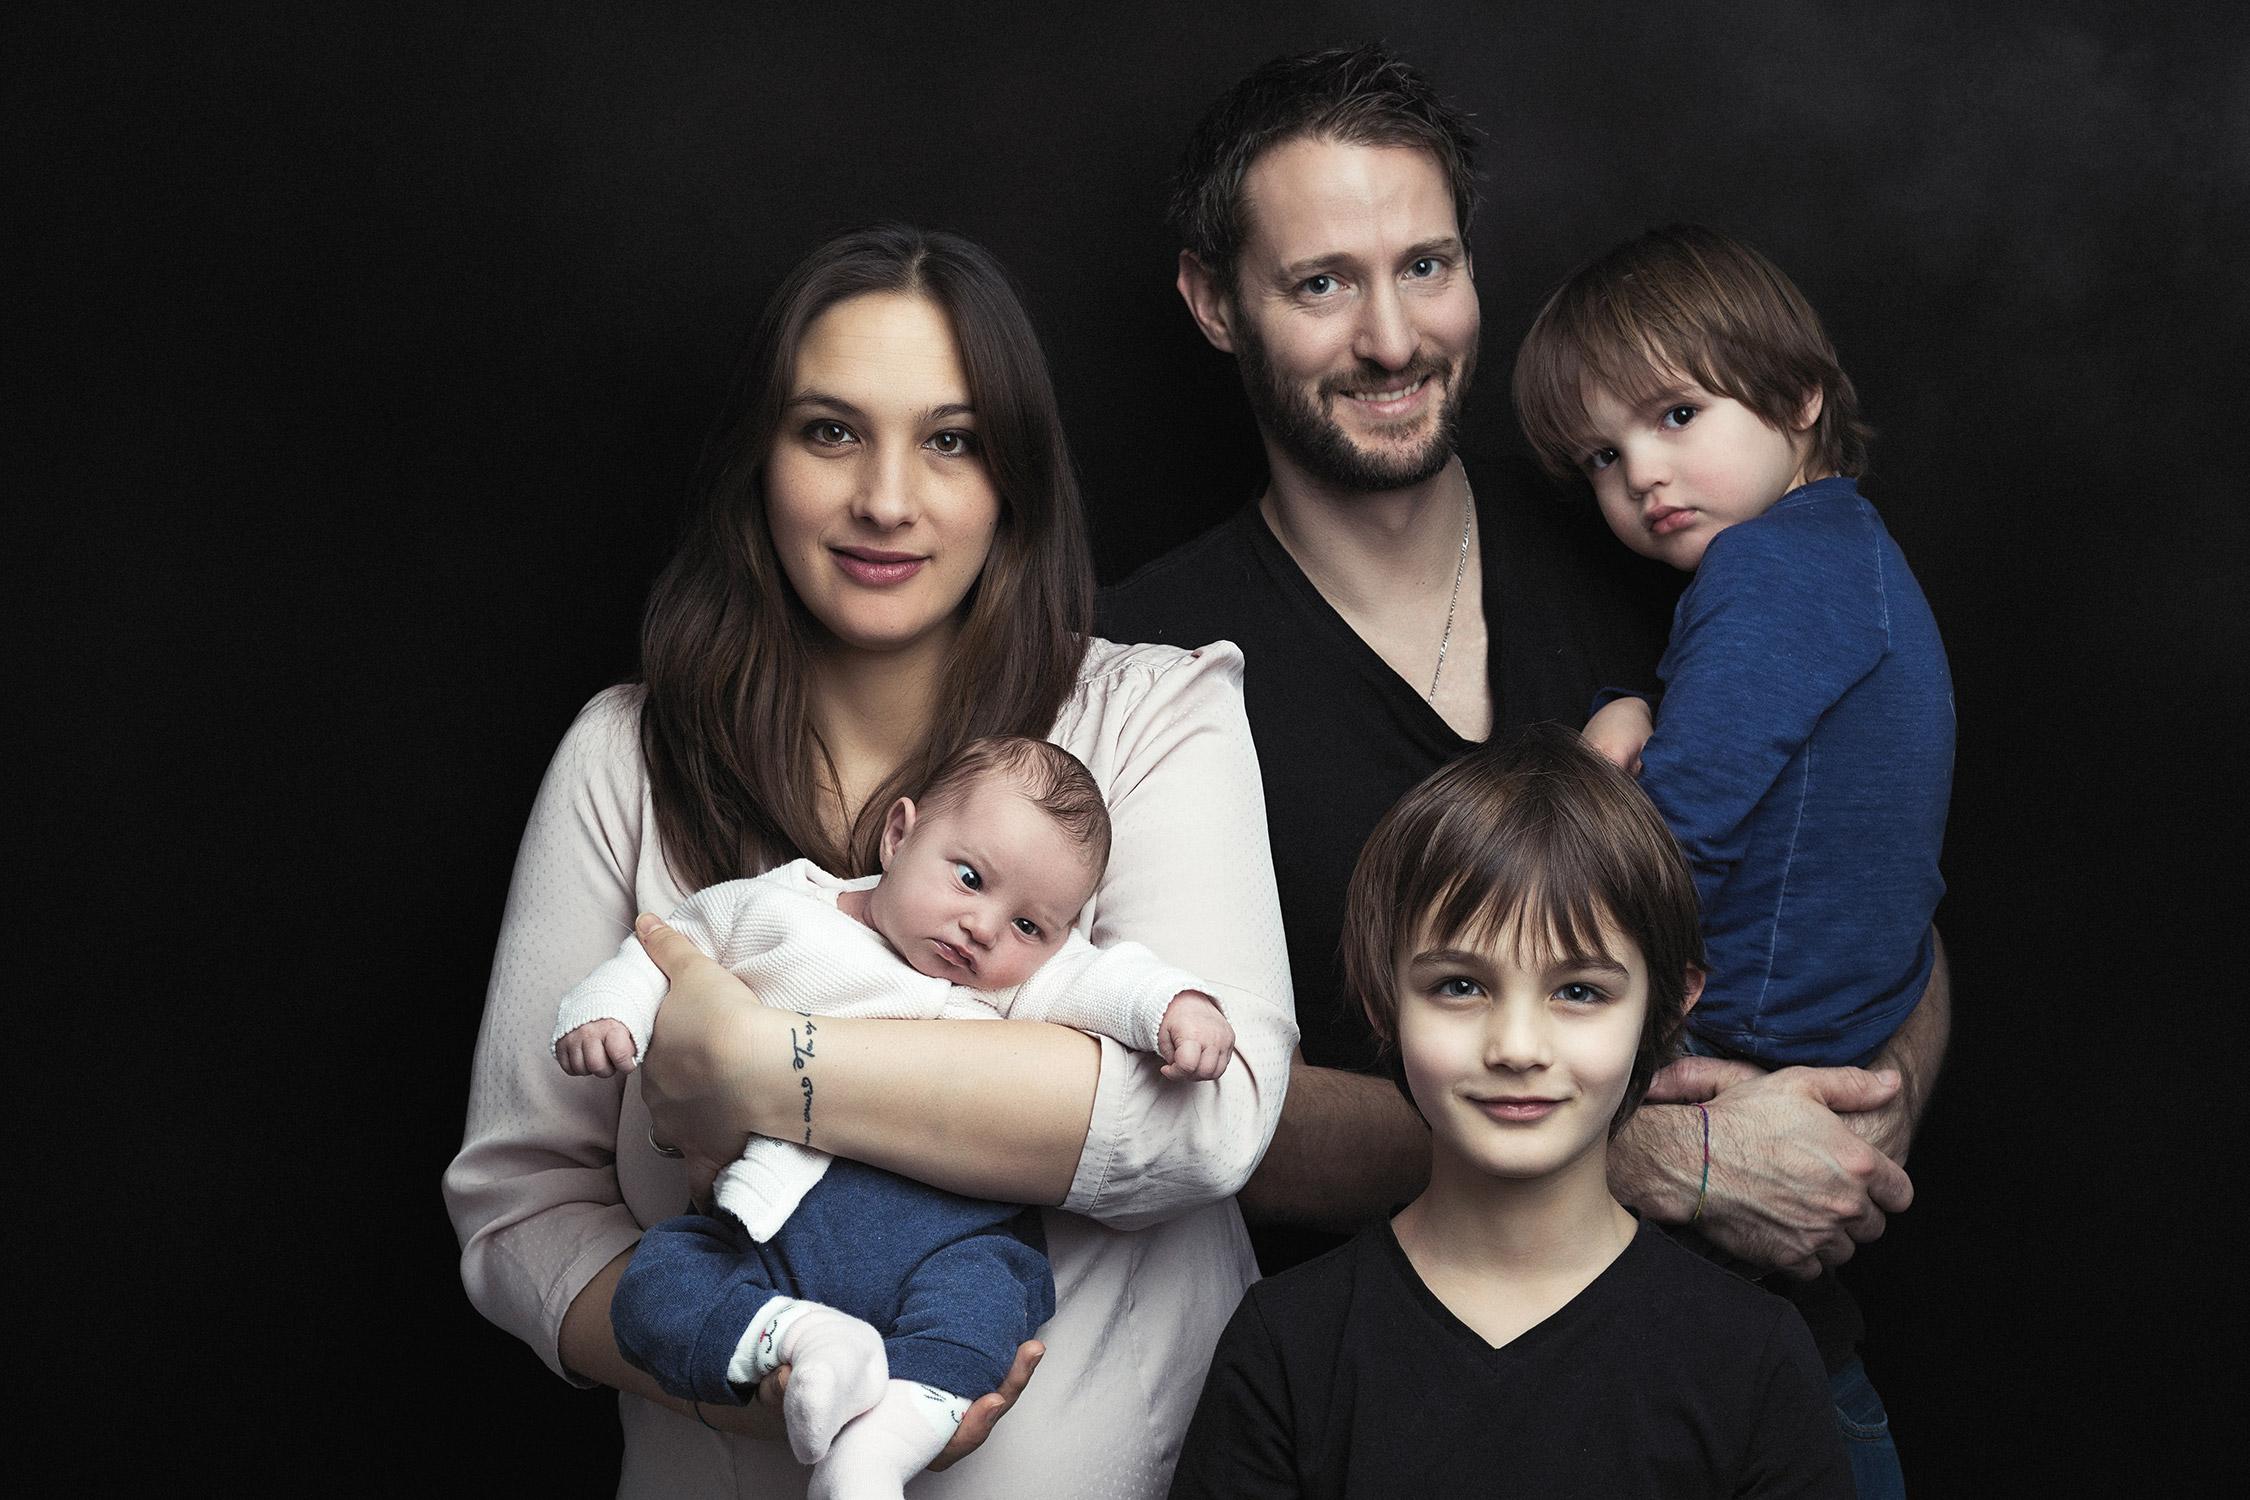 photographe famille neuchatel